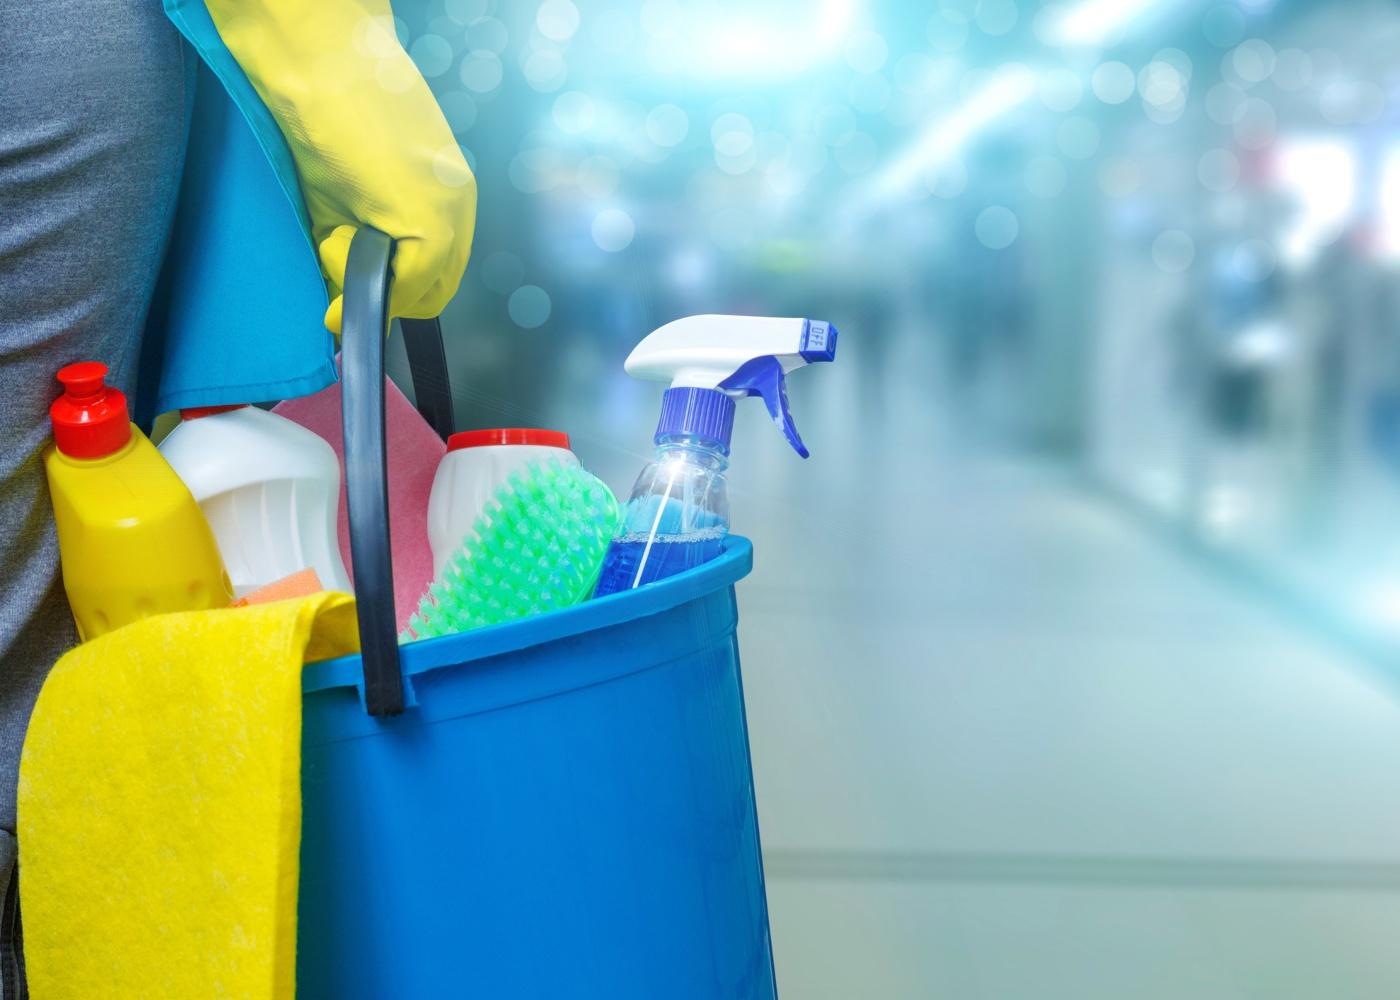 produtos e materiais para limpar a casa